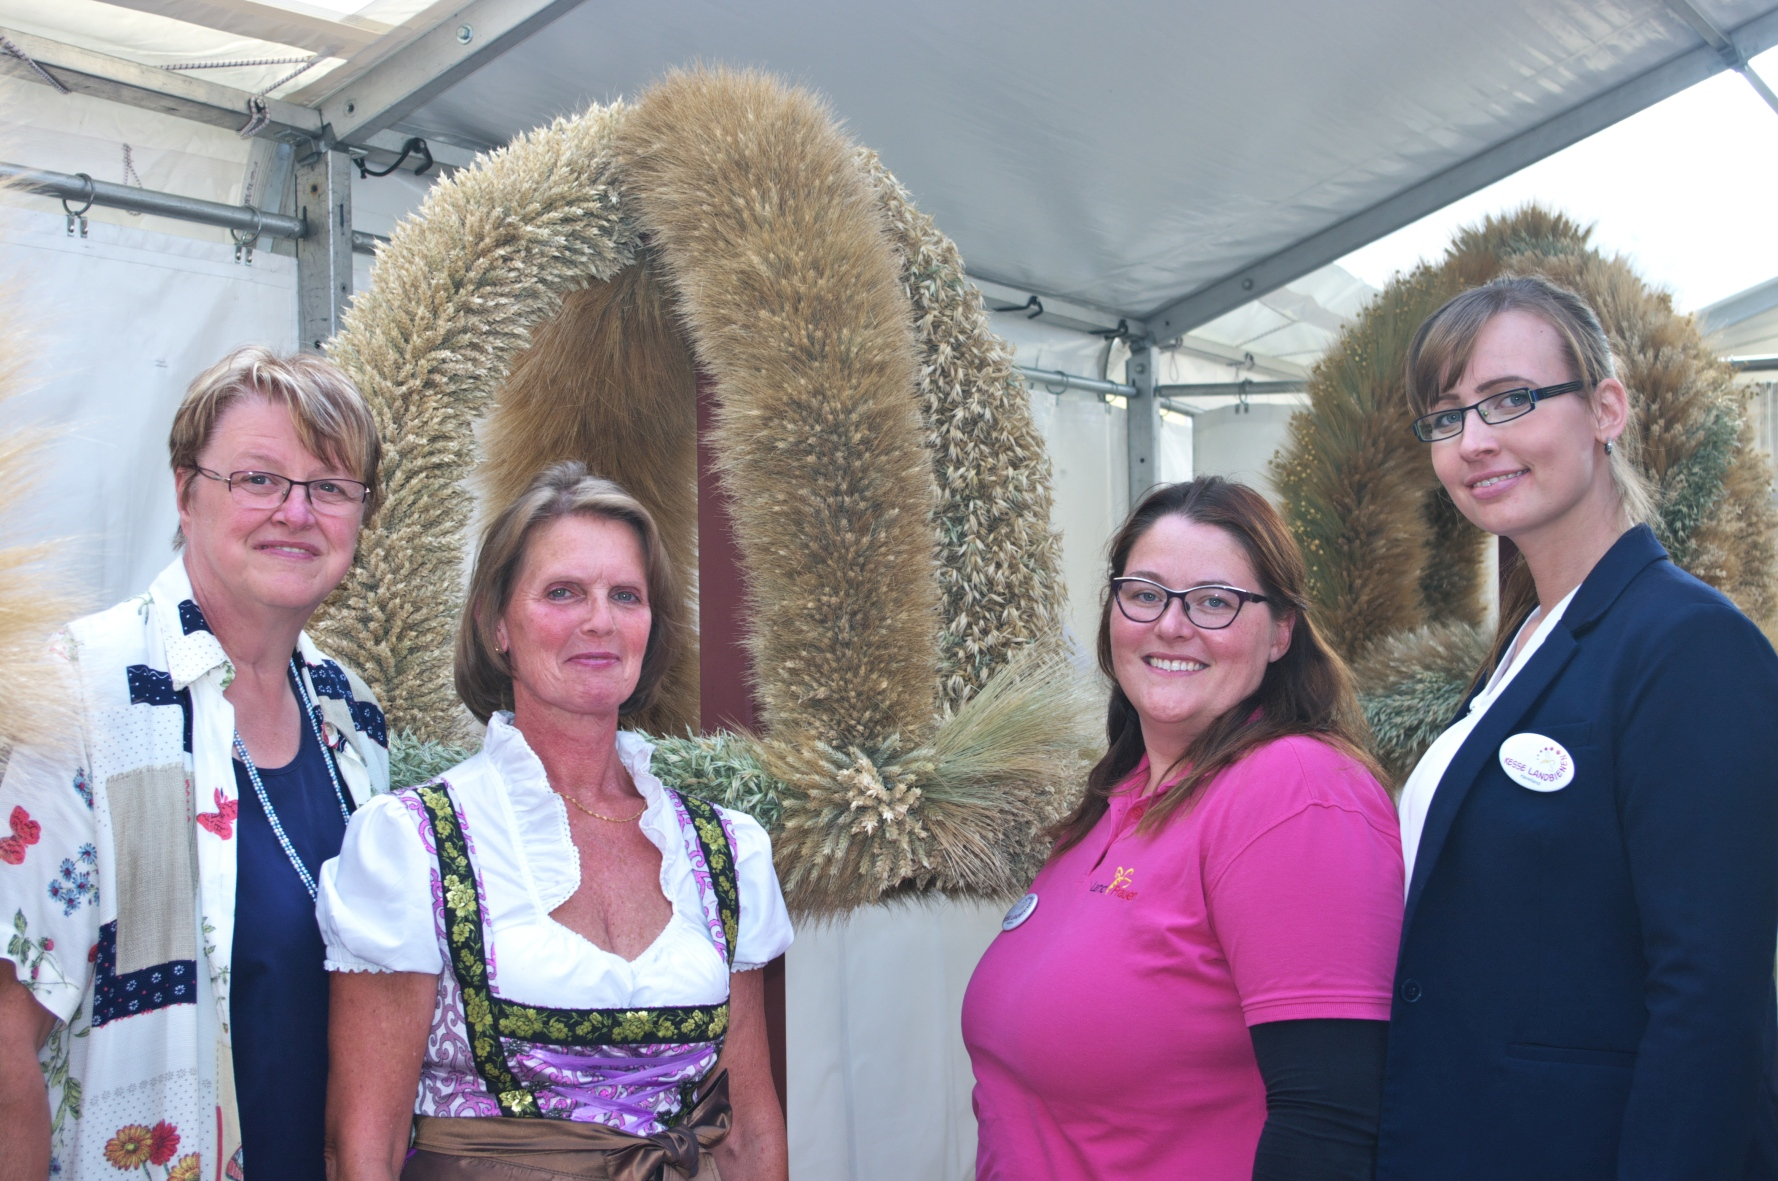 Havelländer Landfrauen beim Erntekronenwettbewerb 2018